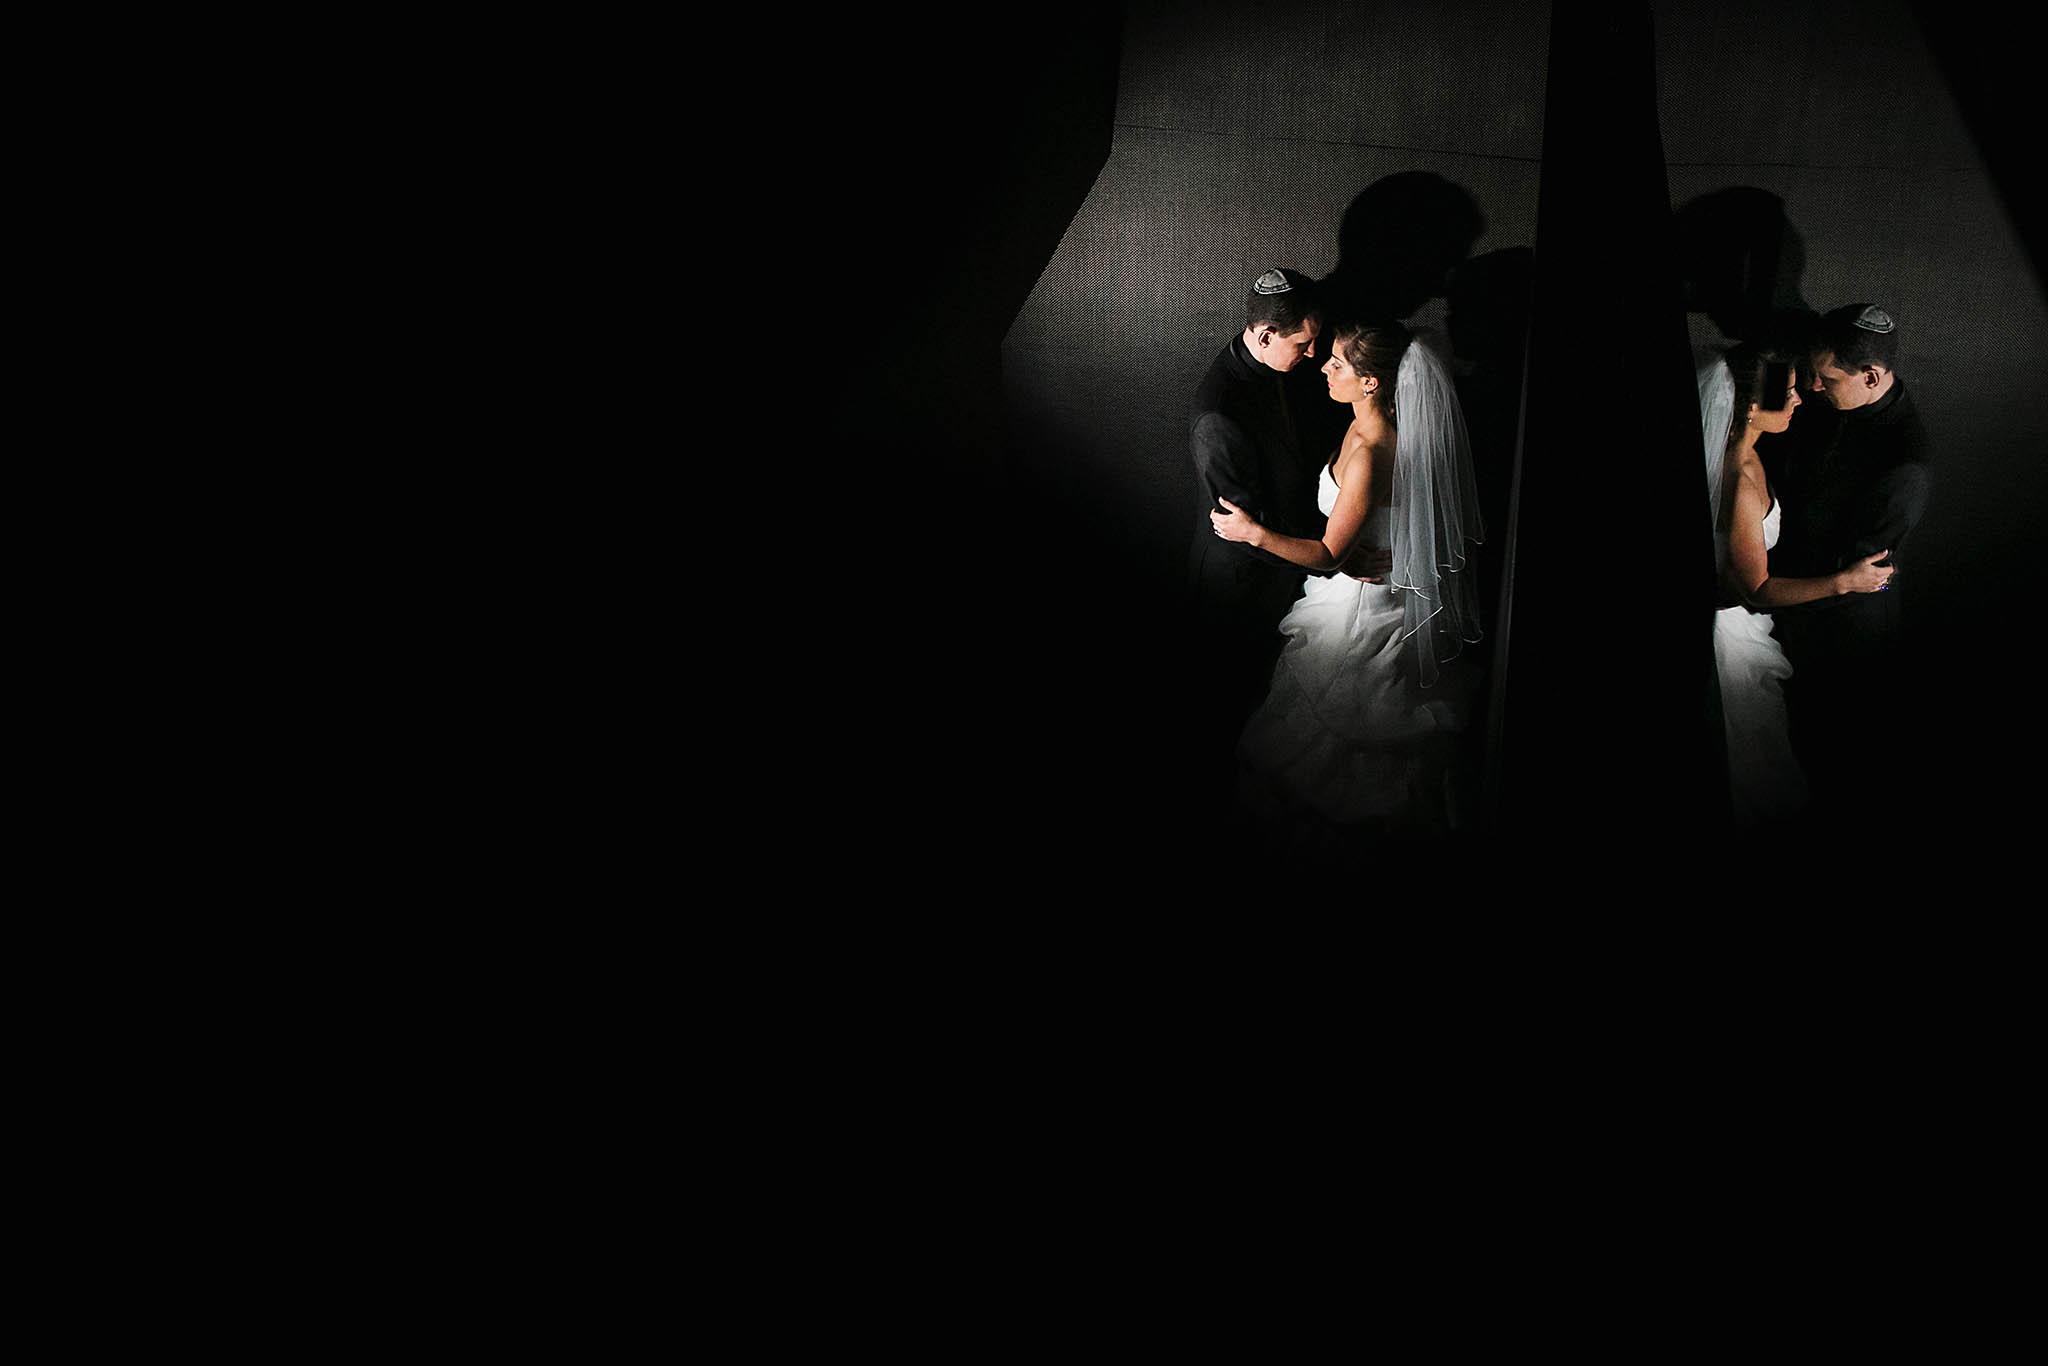 Boda-judia-fotografo-de-bodas-mexico13